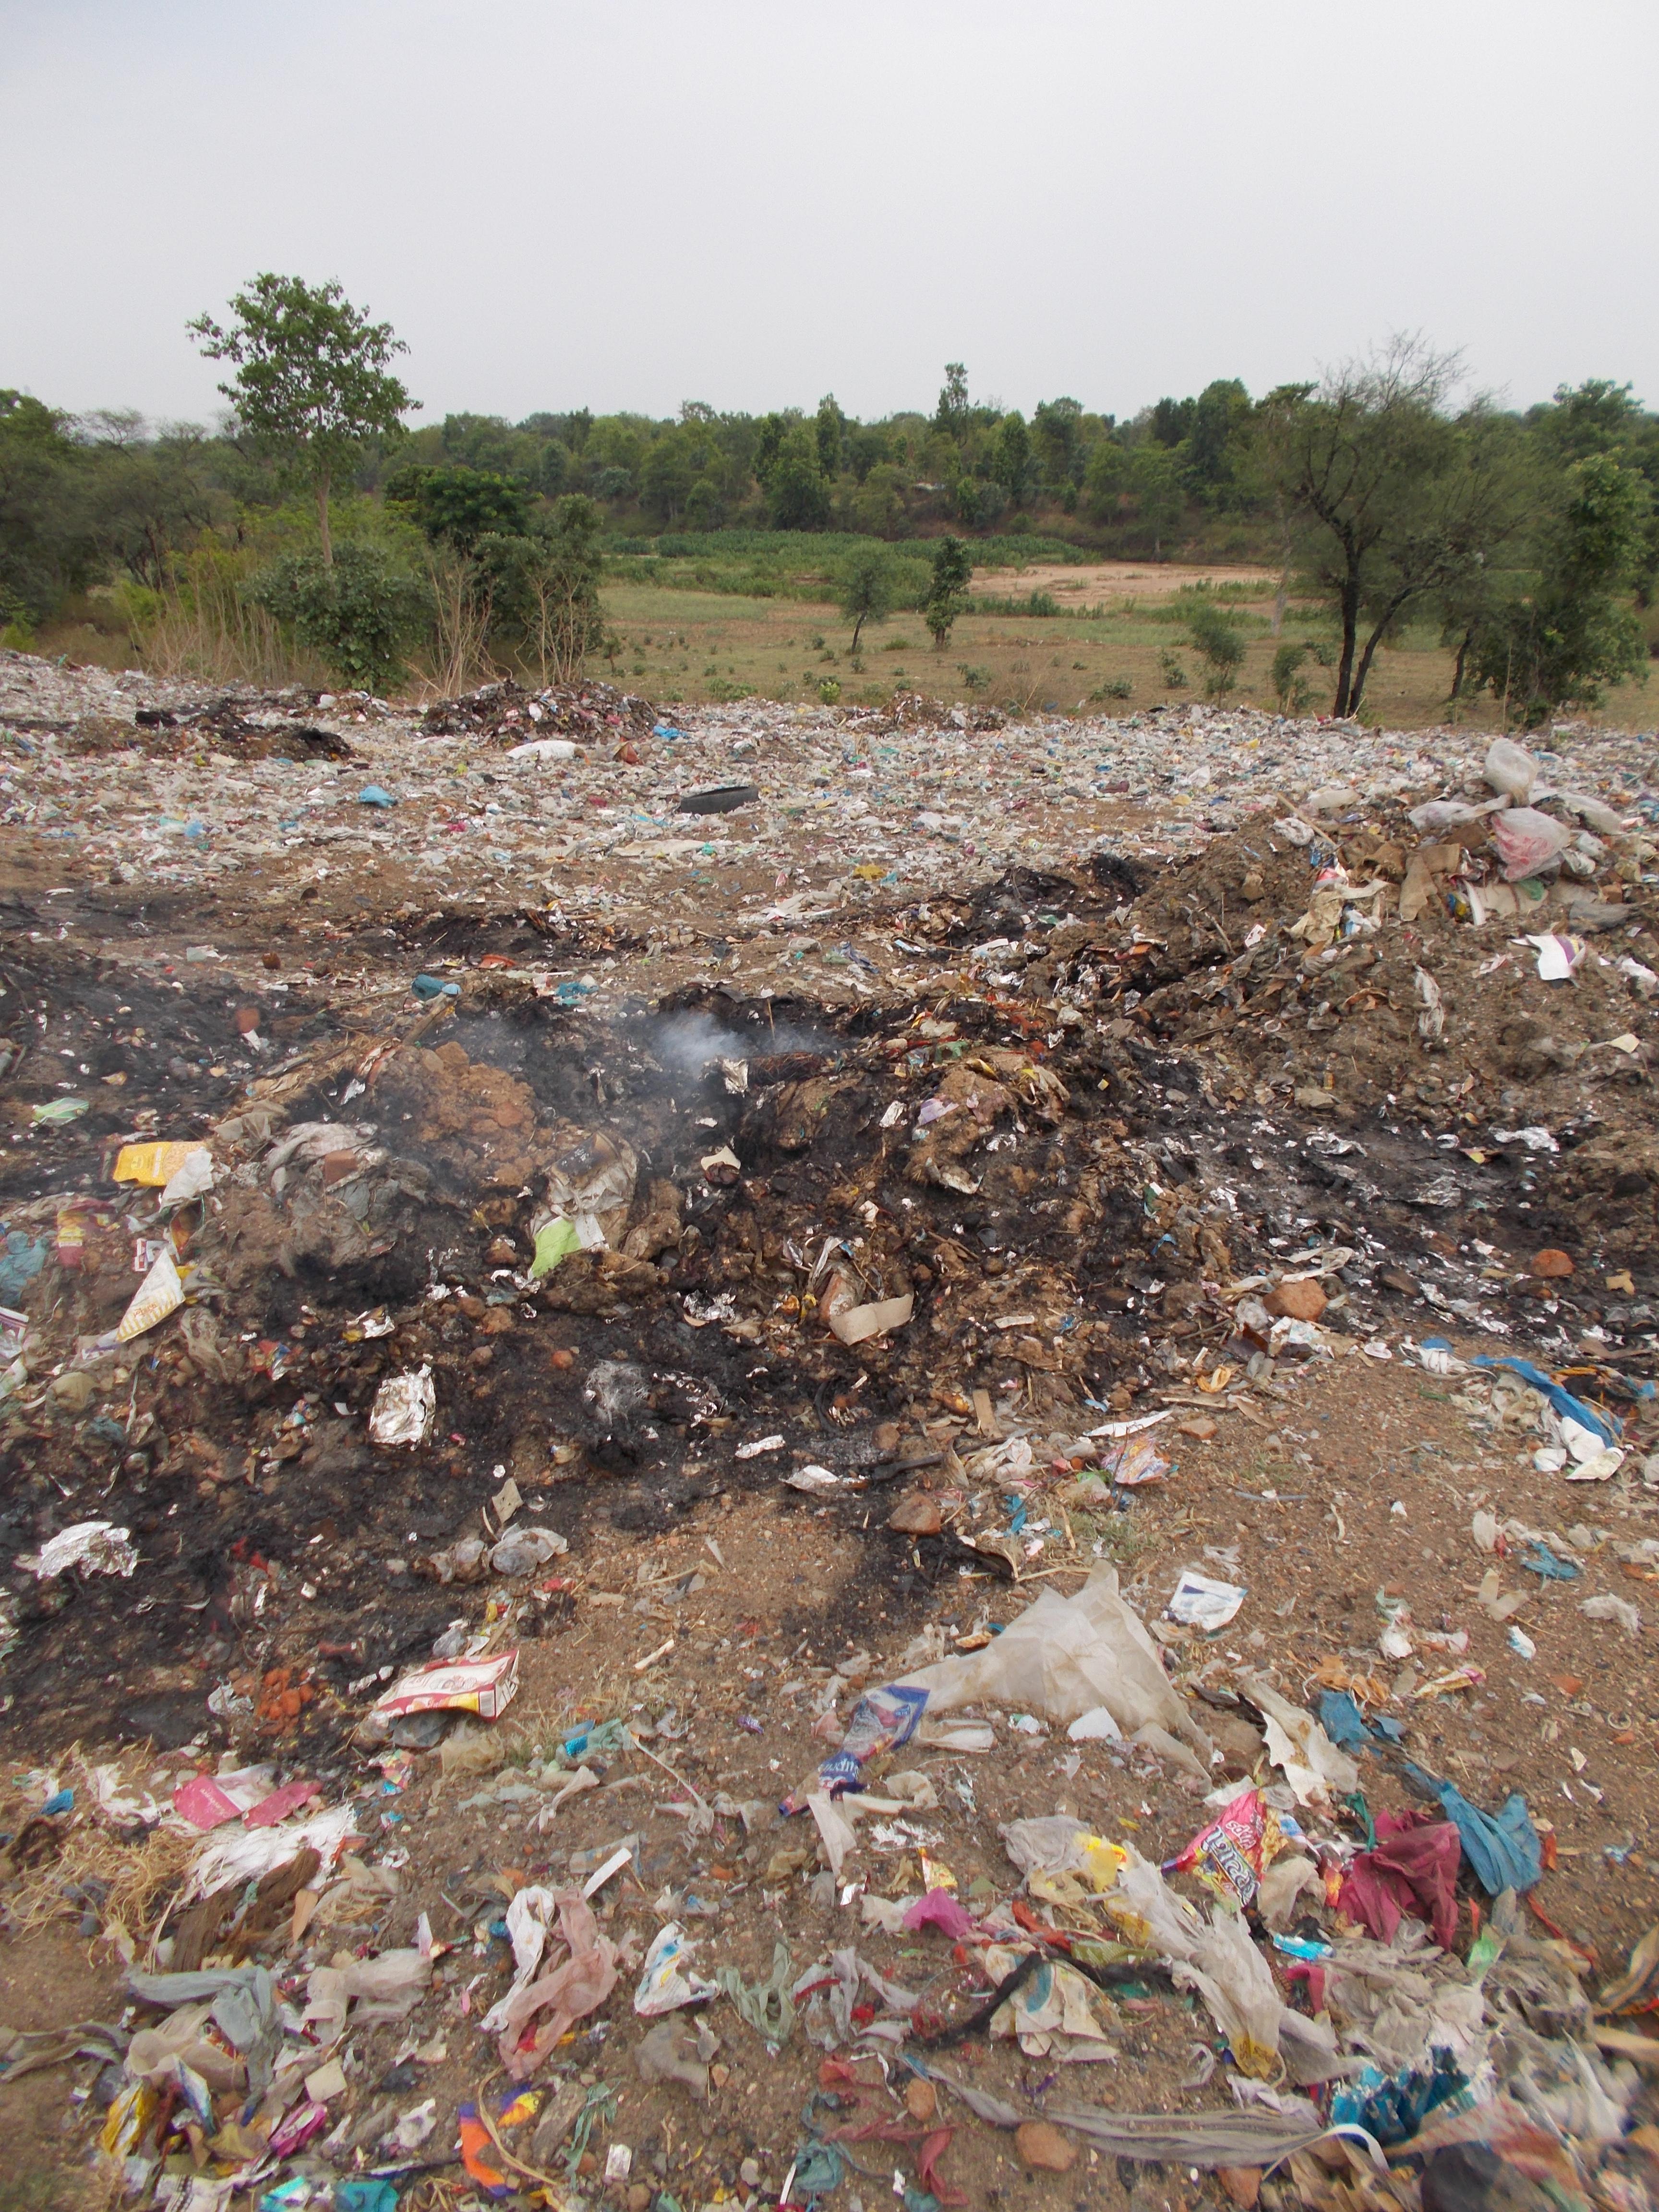 कचरा डंपिंग करने ग्राउंड में नहीं जगह, निष्पादन बिना कचरे से स्थल हो गया फुल